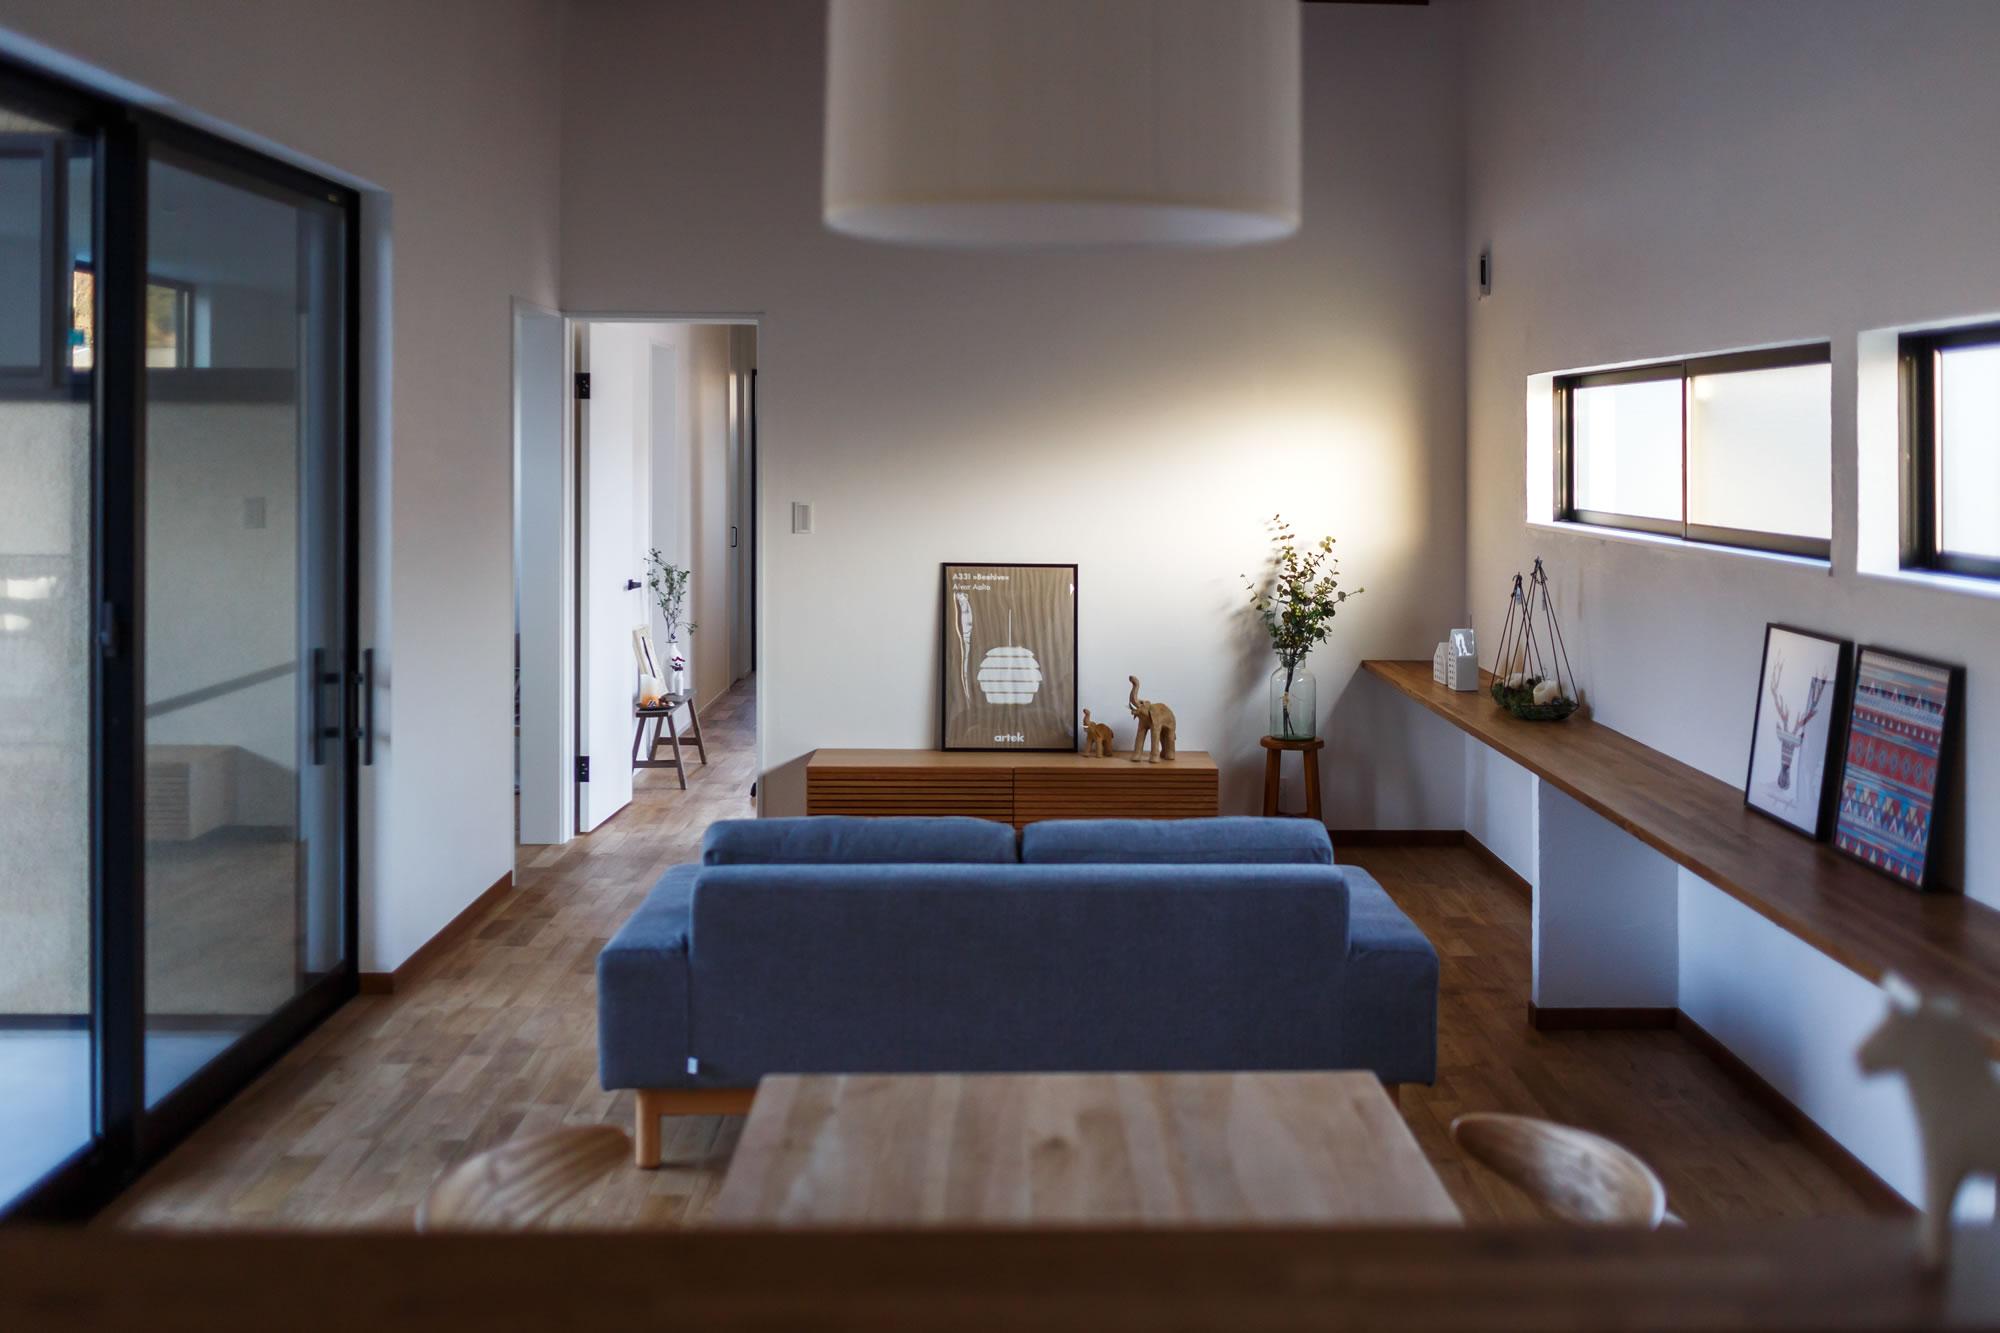 新築施工事例に「のんびりを楽しみたくなる家」を追加しました。